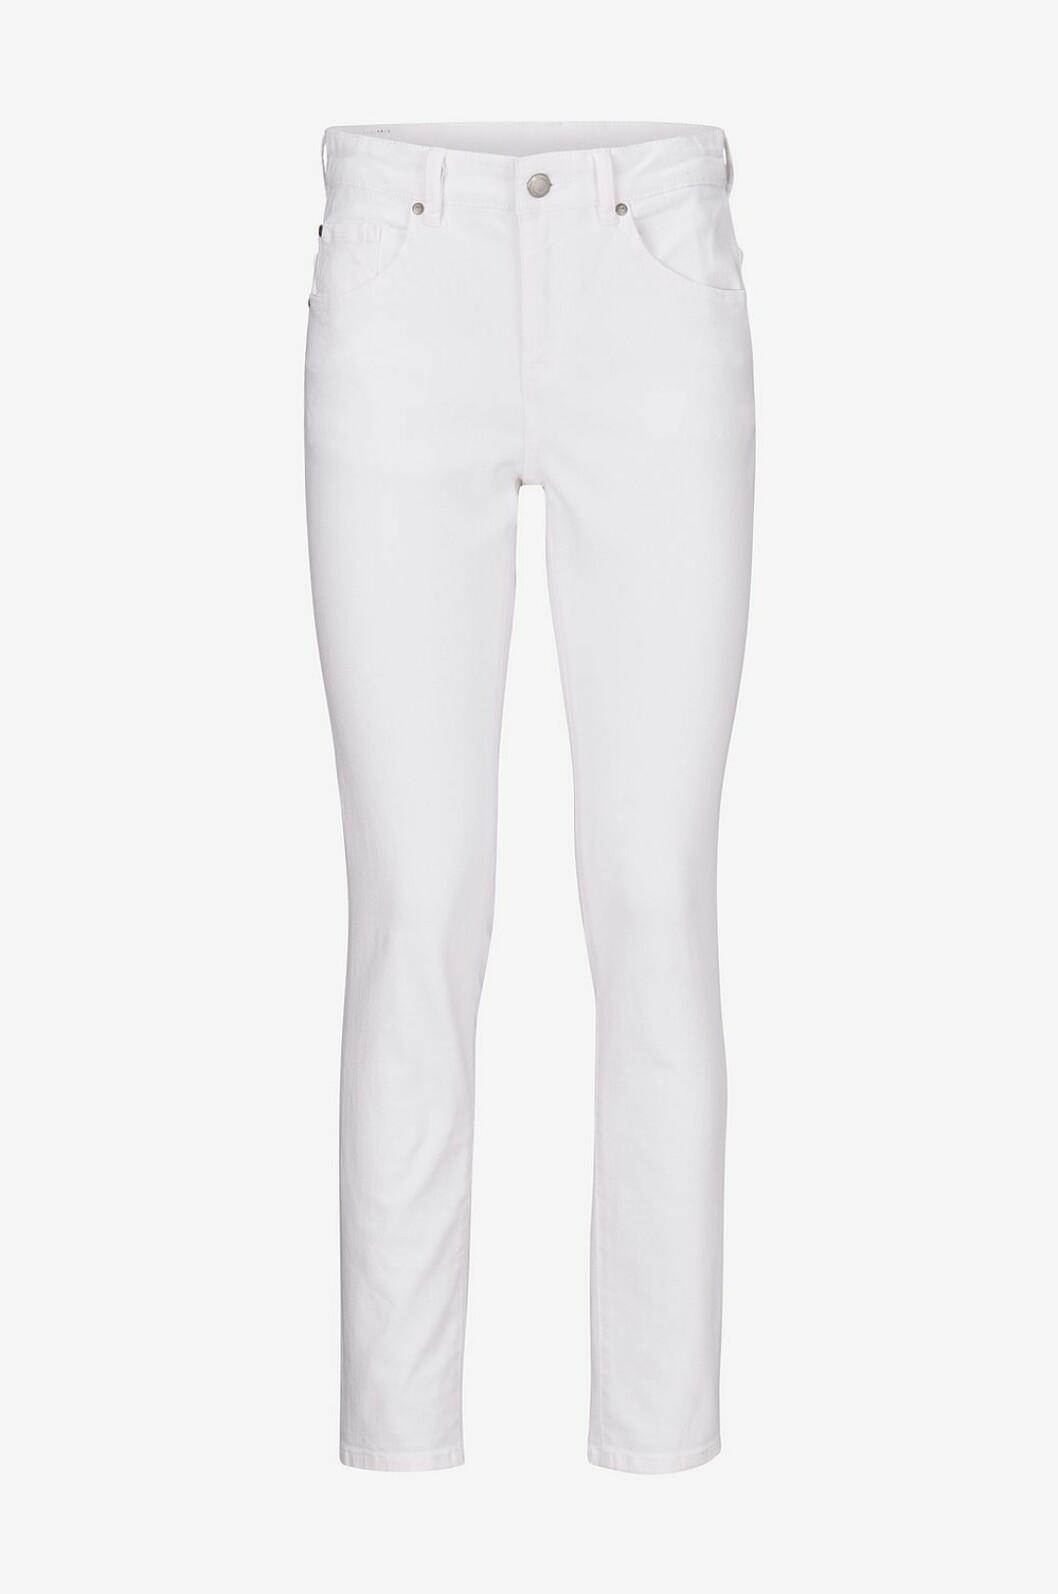 Vita jeans med hög midja till våren 2020